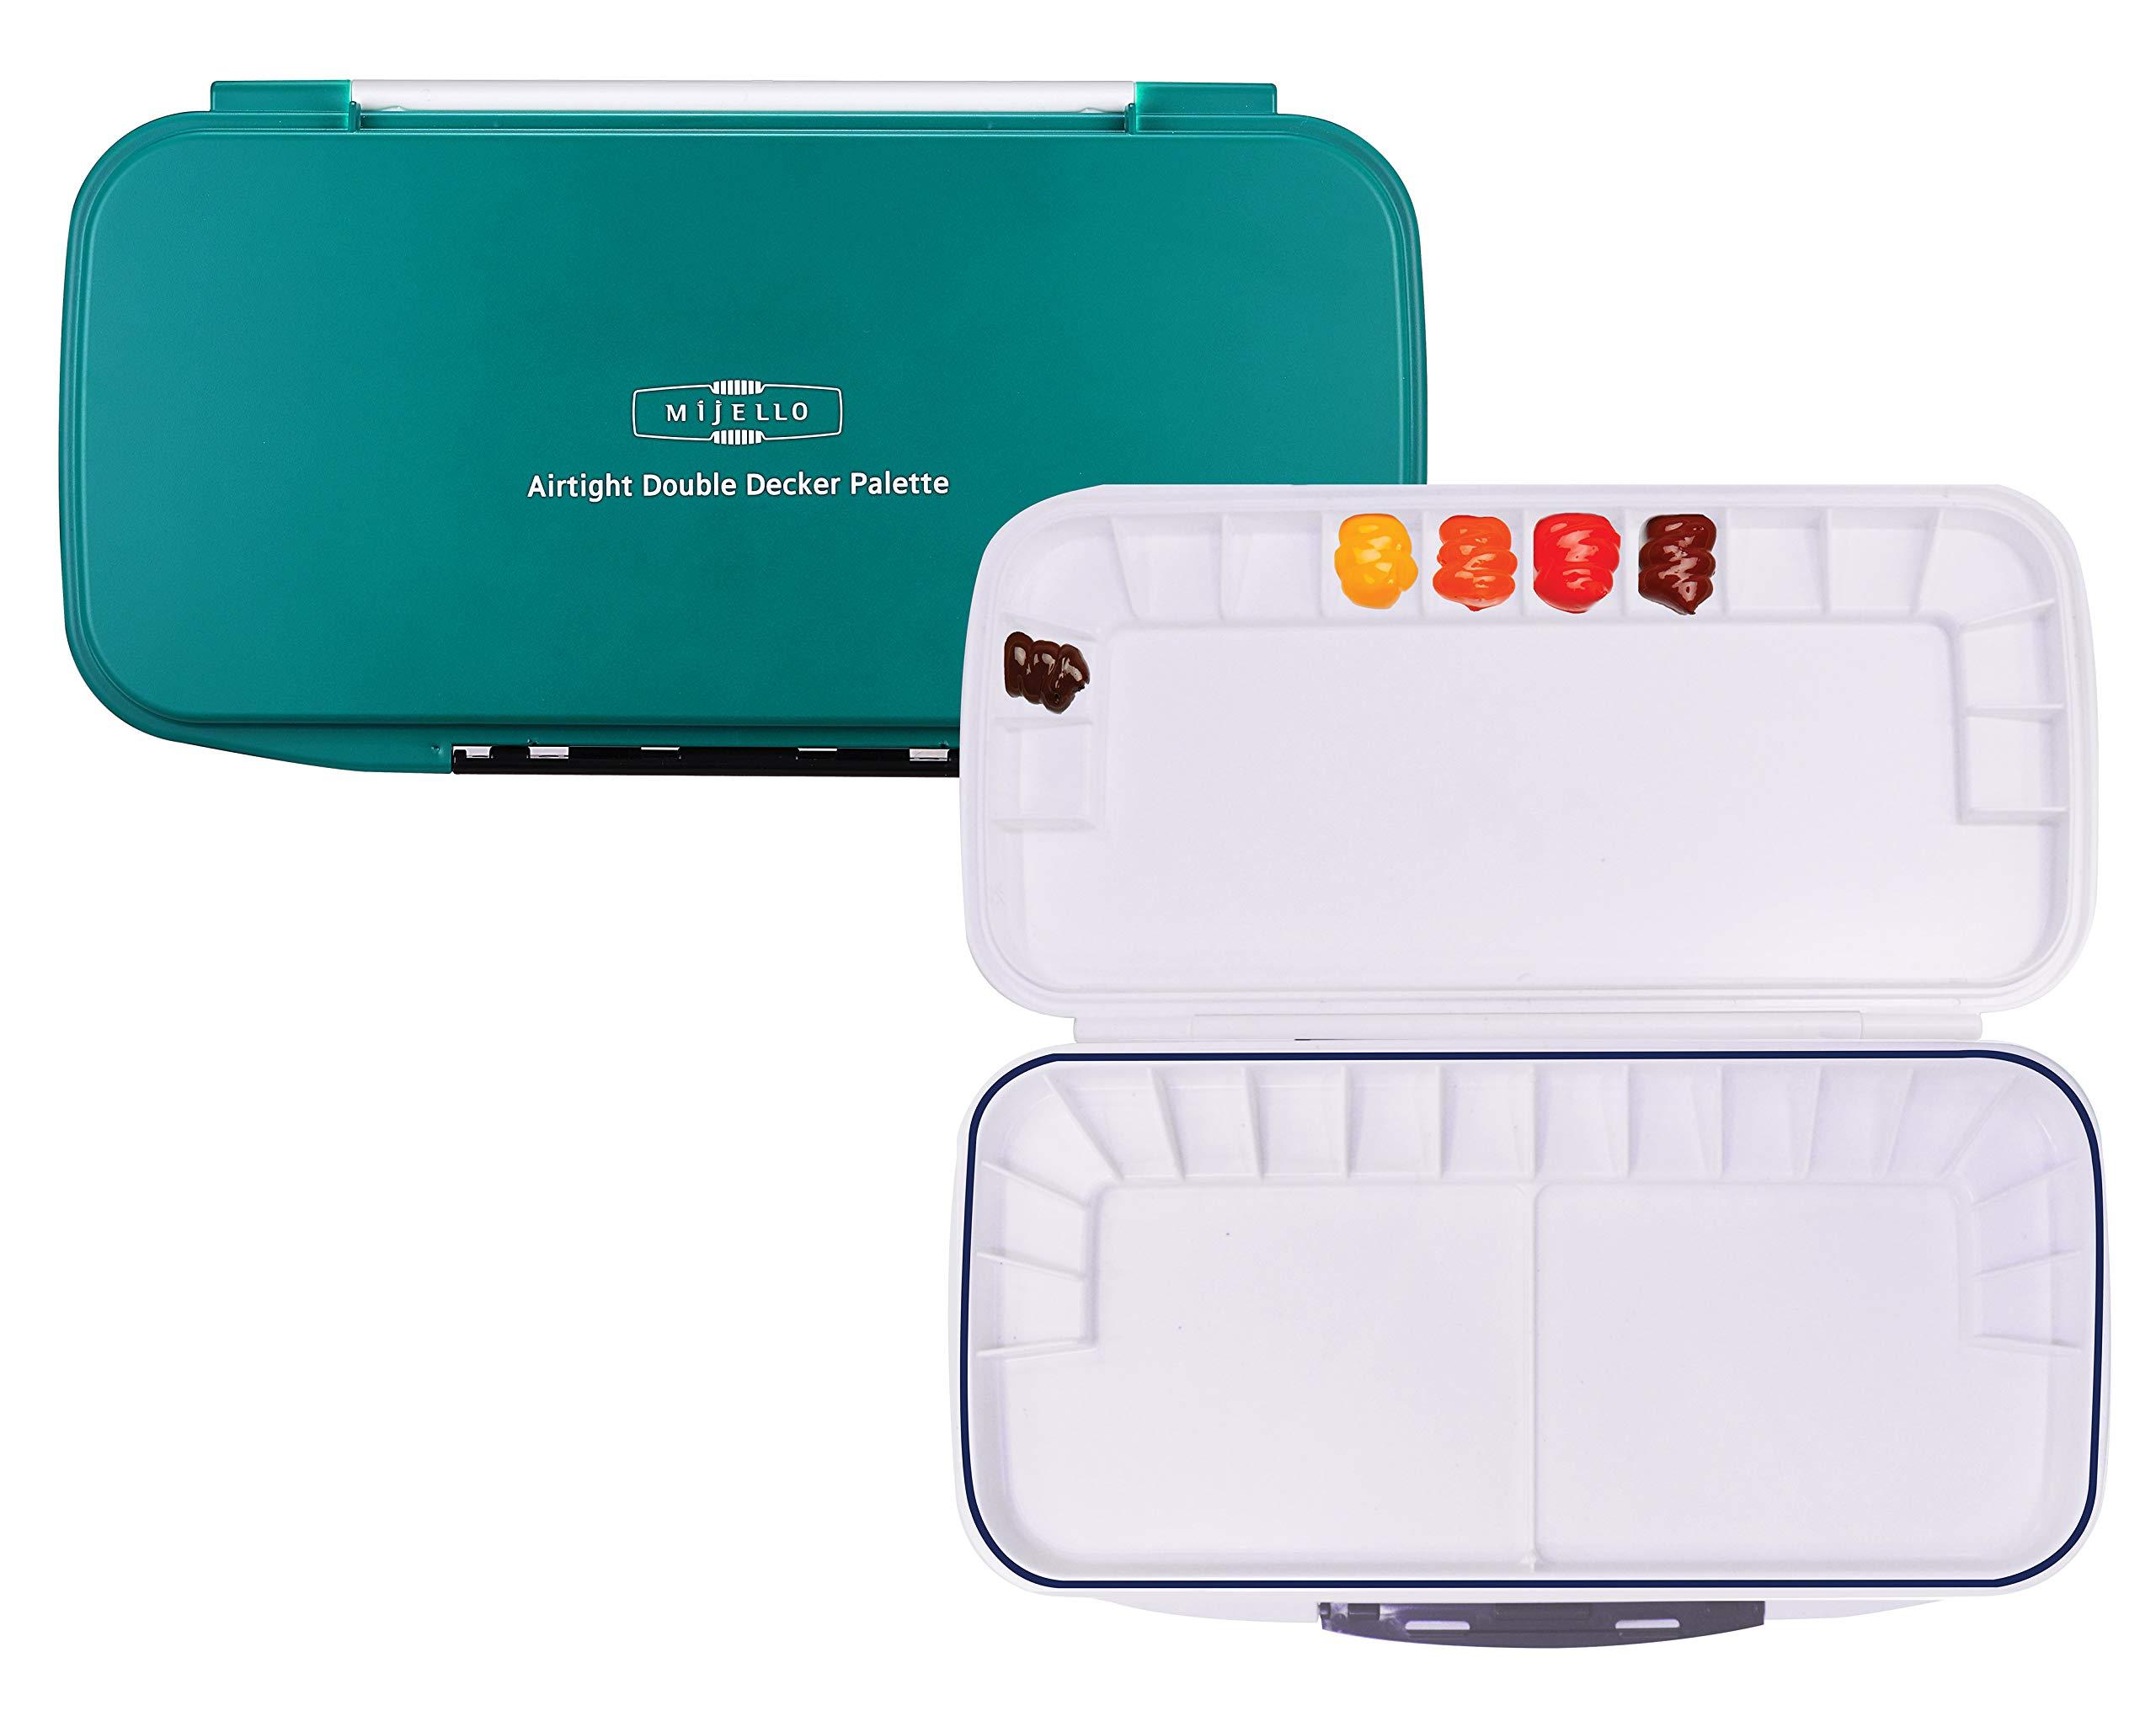 Mijello Watercolour Palette MWP-1630 Airtight Double Decker 30 Wells 335x175x30mm (13.18 x 6.88 x 1.18 inch) by Mijello